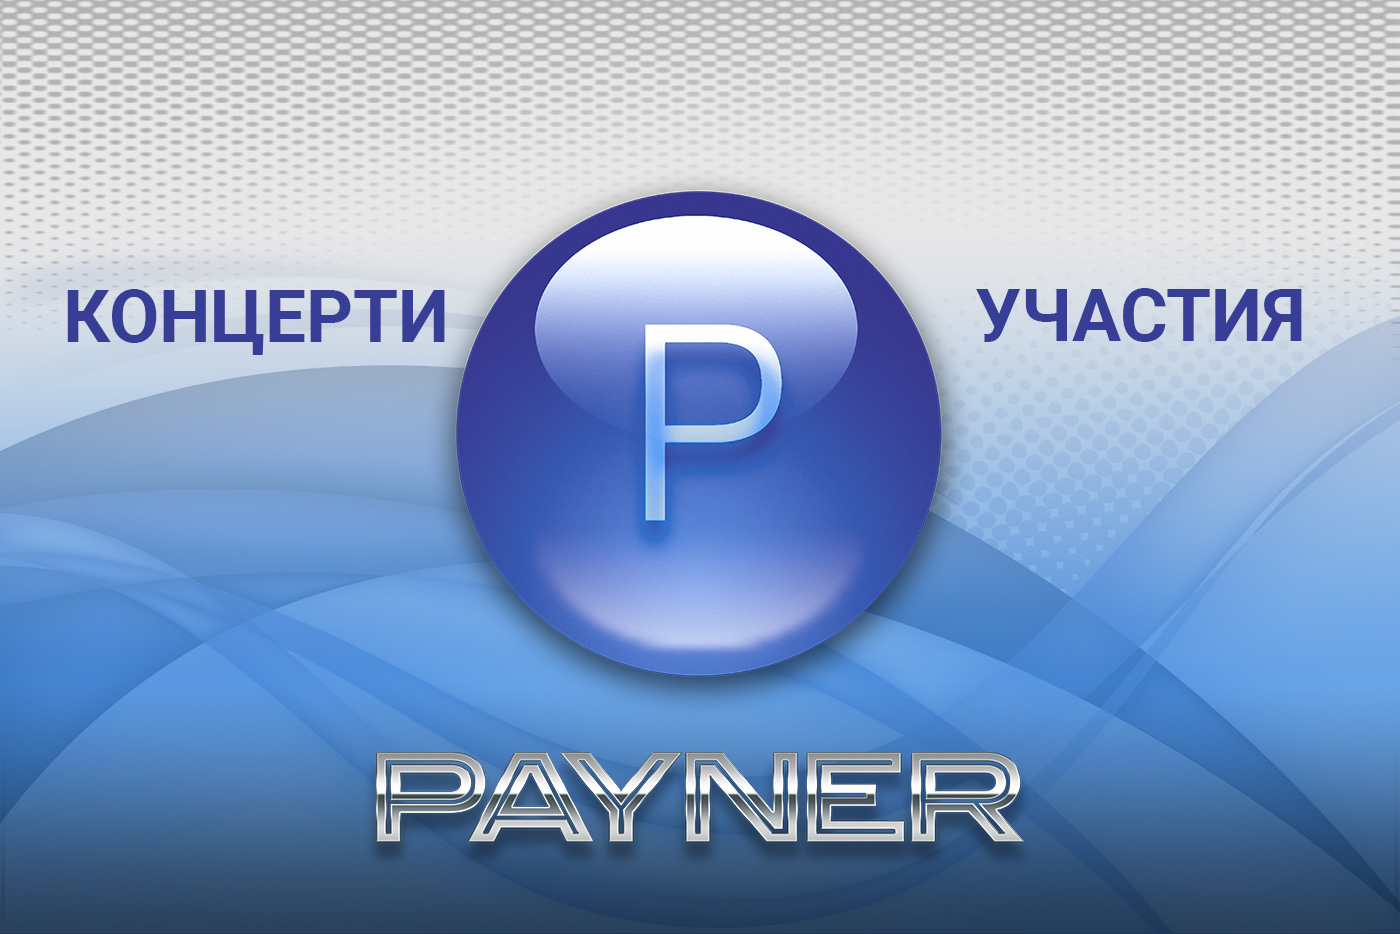 """Участия на звездите на """"Пайнер"""" на 16.09.2019"""